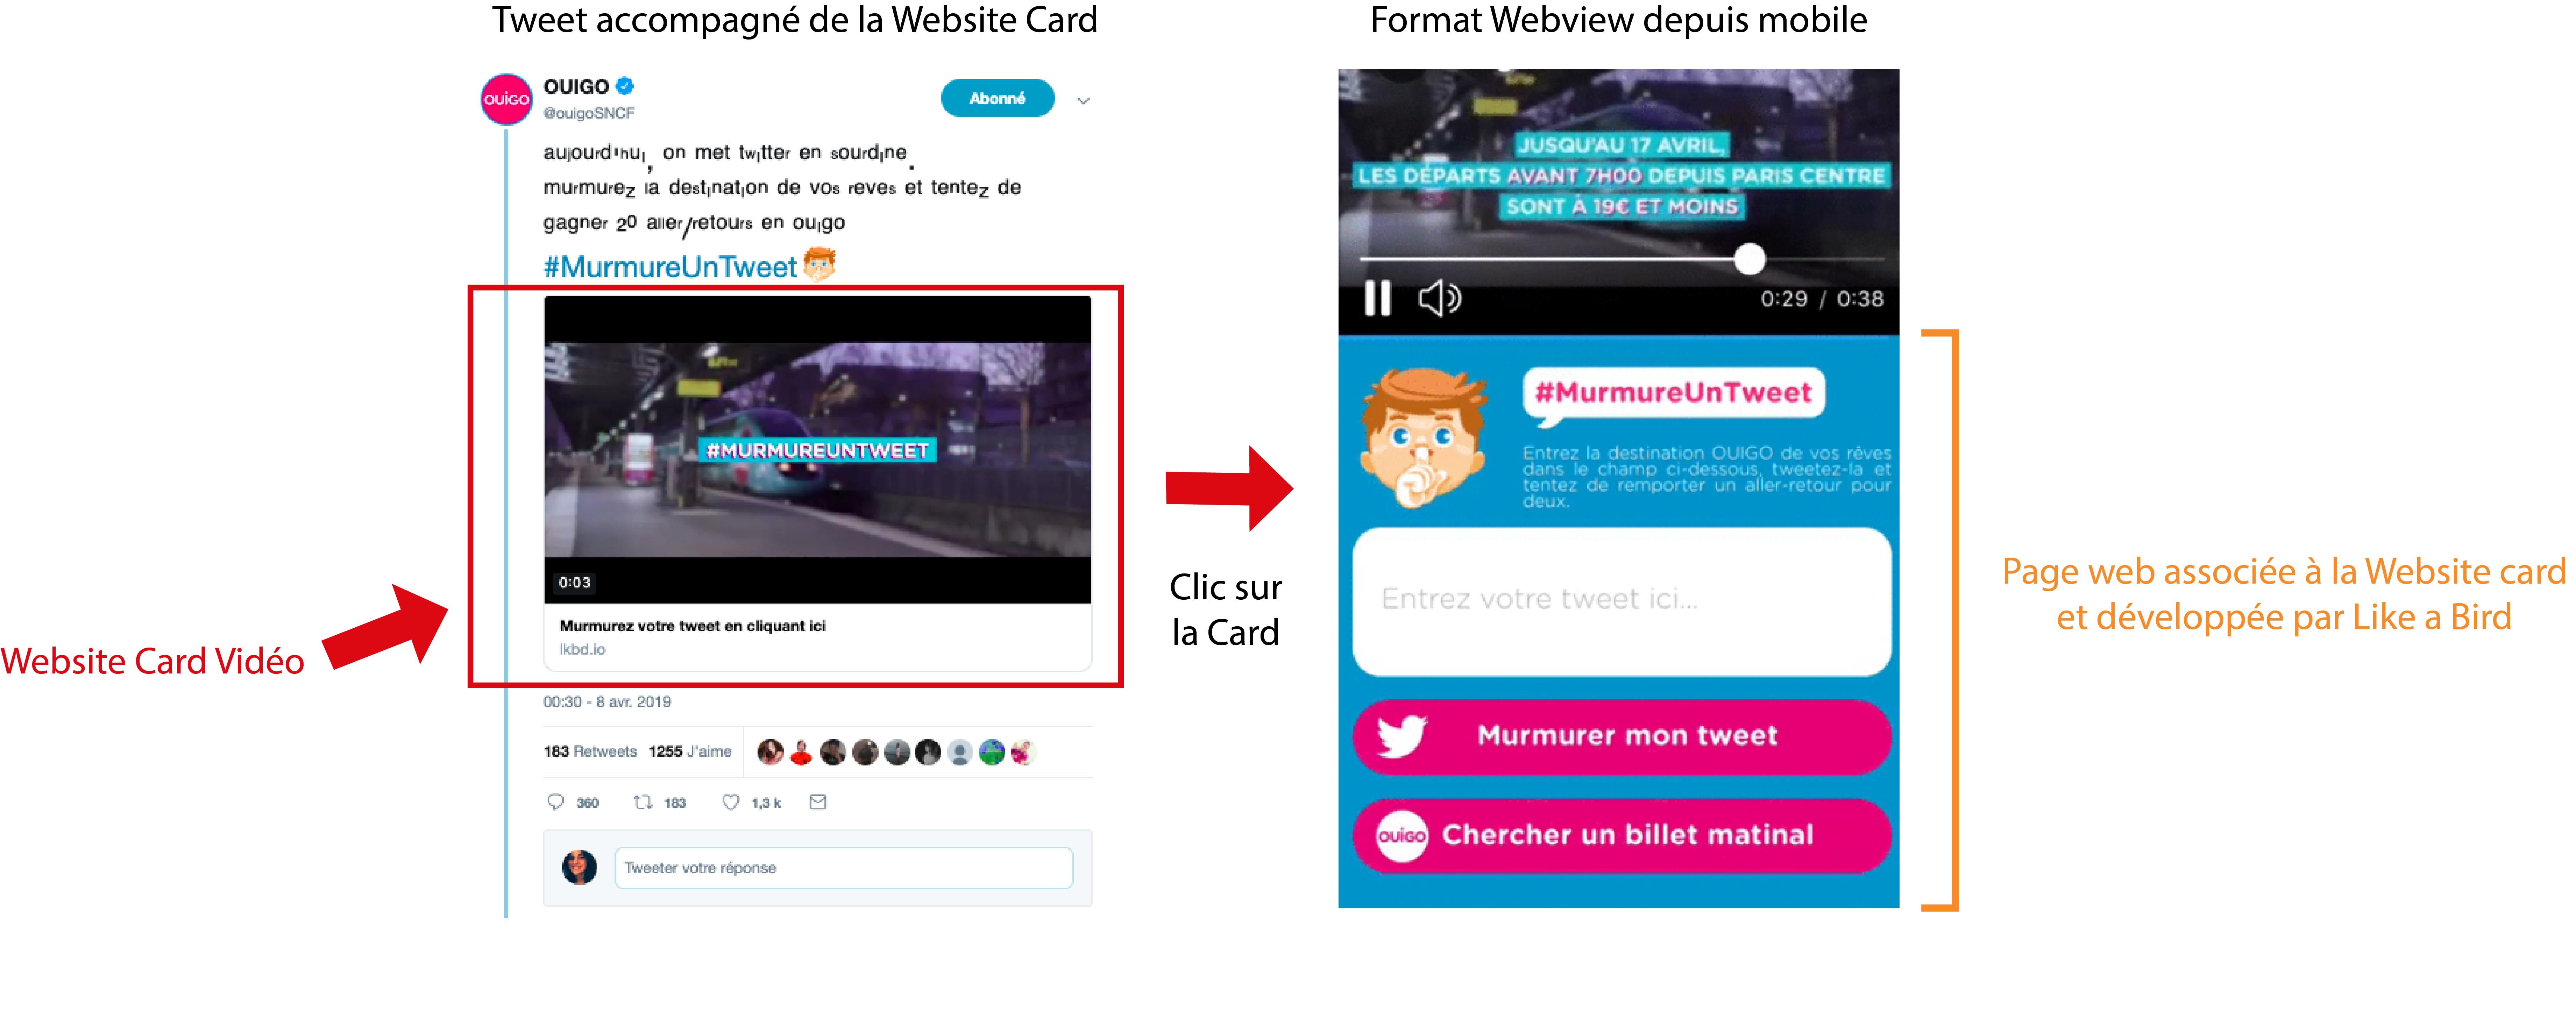 Ouigo-Murmure-Un-tweet-Website Card